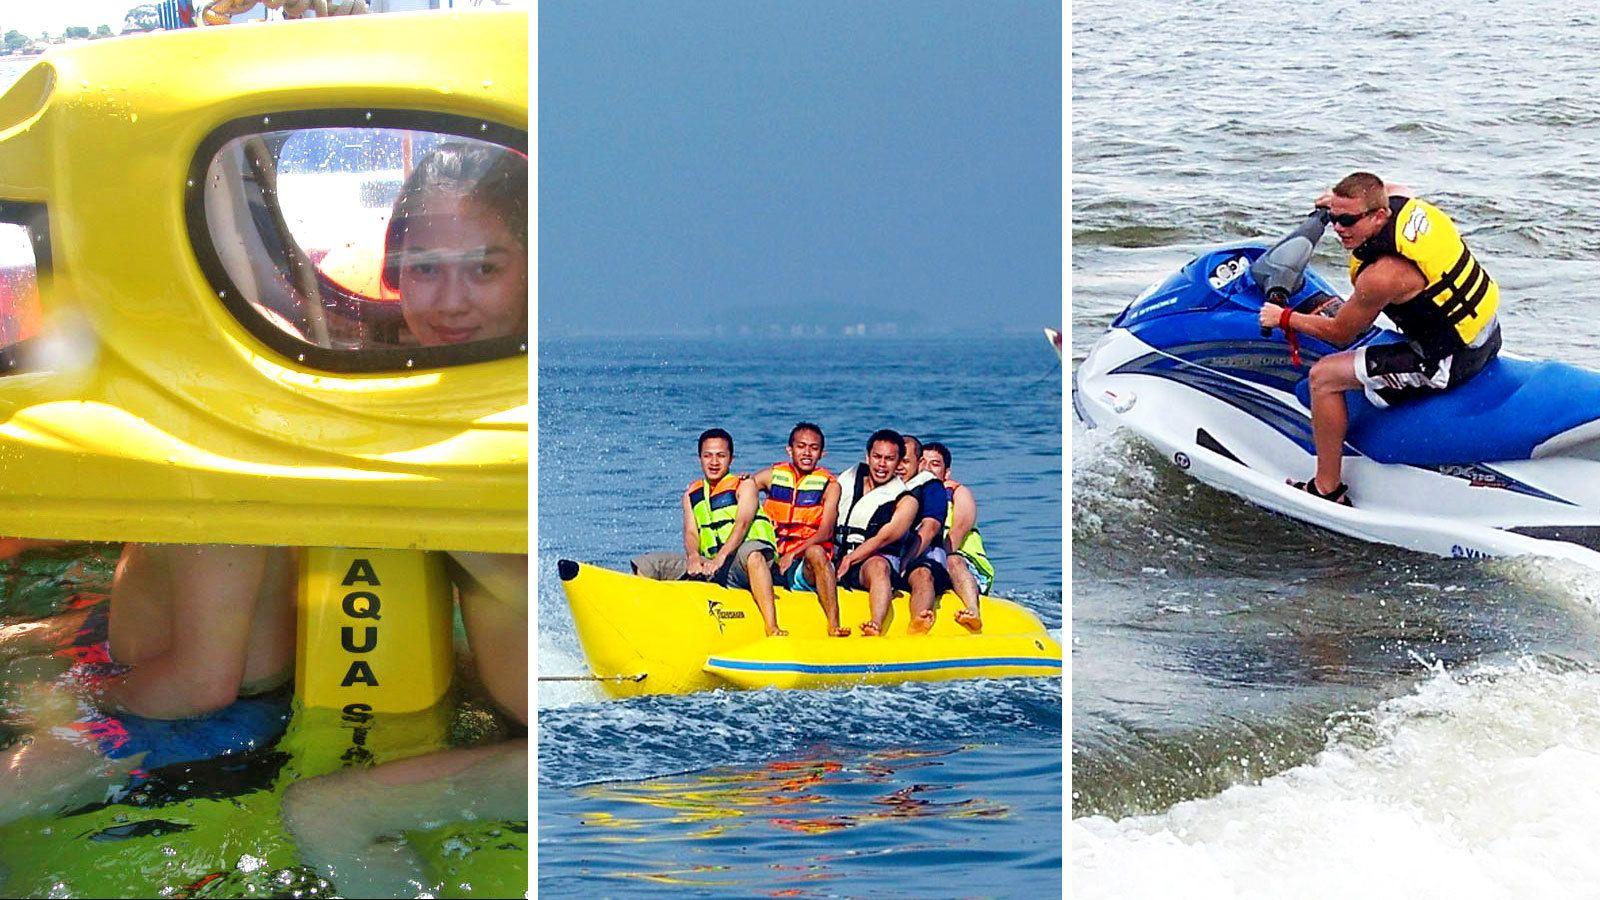 Underwater Tandem Scooter, Banana Boat & Jet Ski Ride